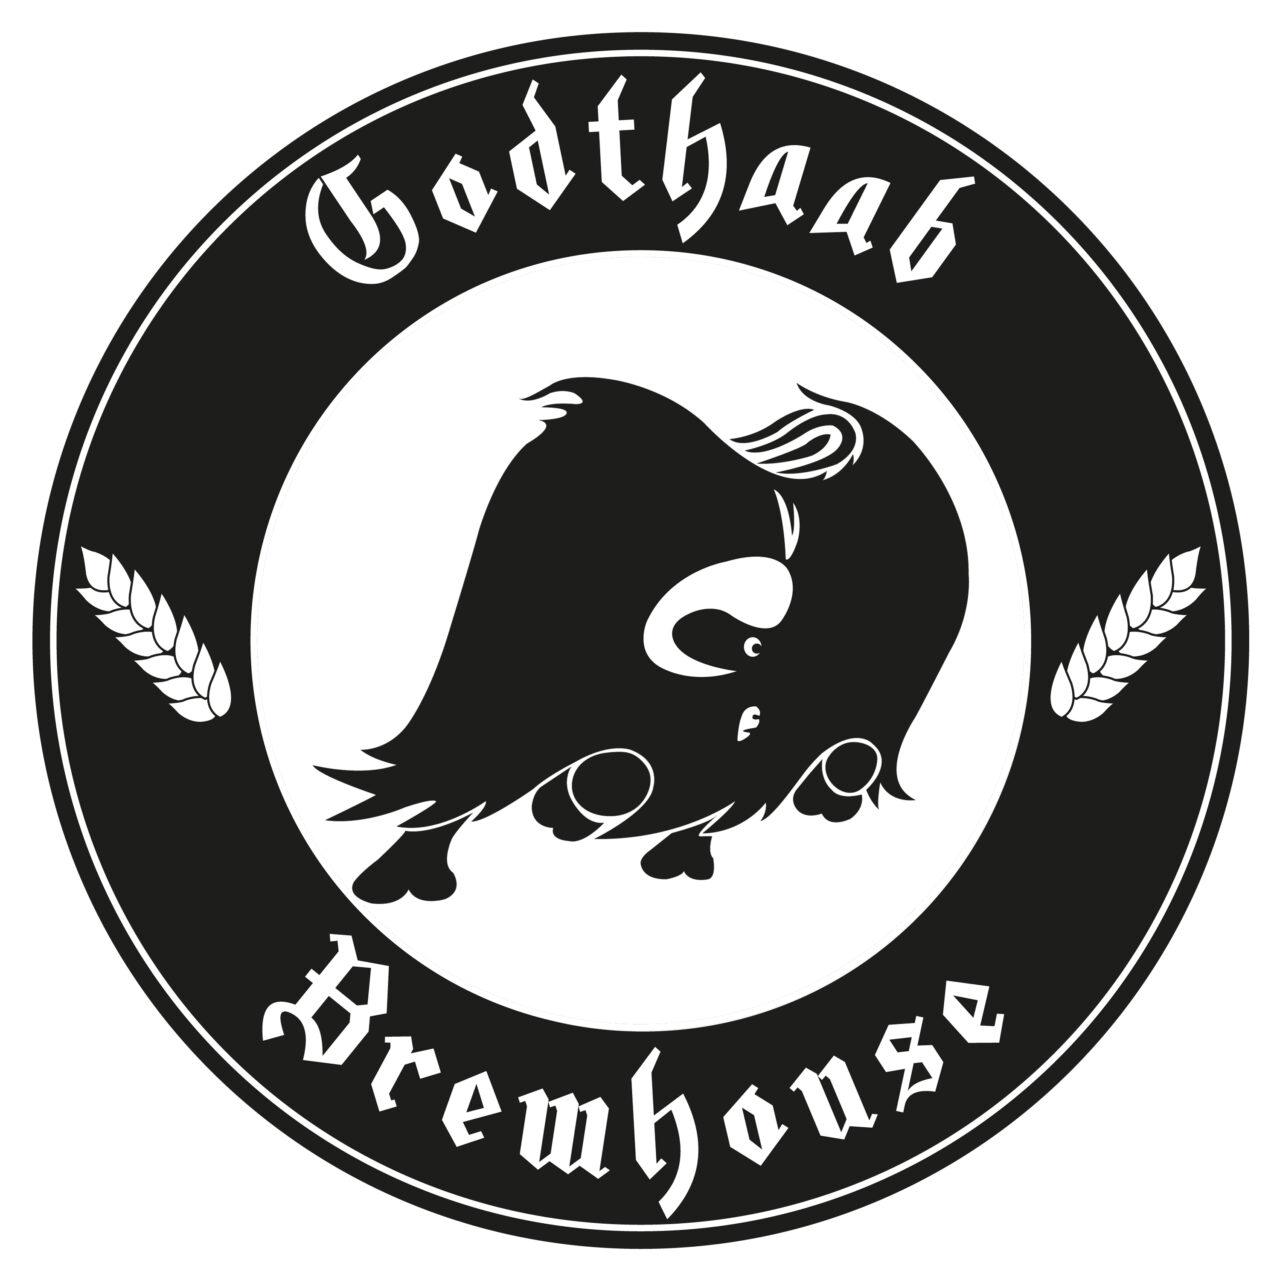 Godthaab Brewhouse